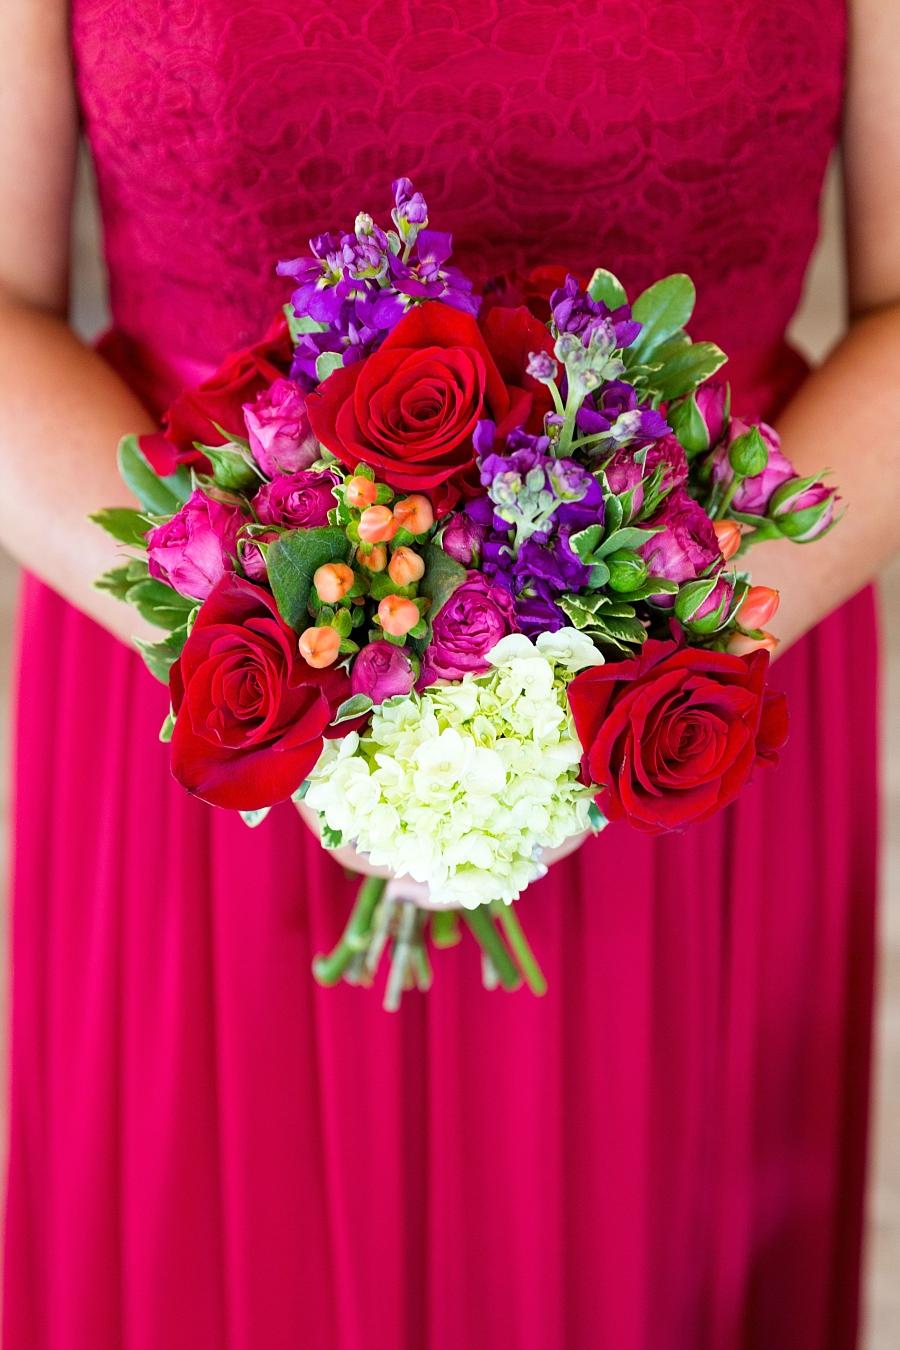 Stacy-Amderson-Photography-Houston-Fredericksberg-Wedding-Photographer_0042.jpg